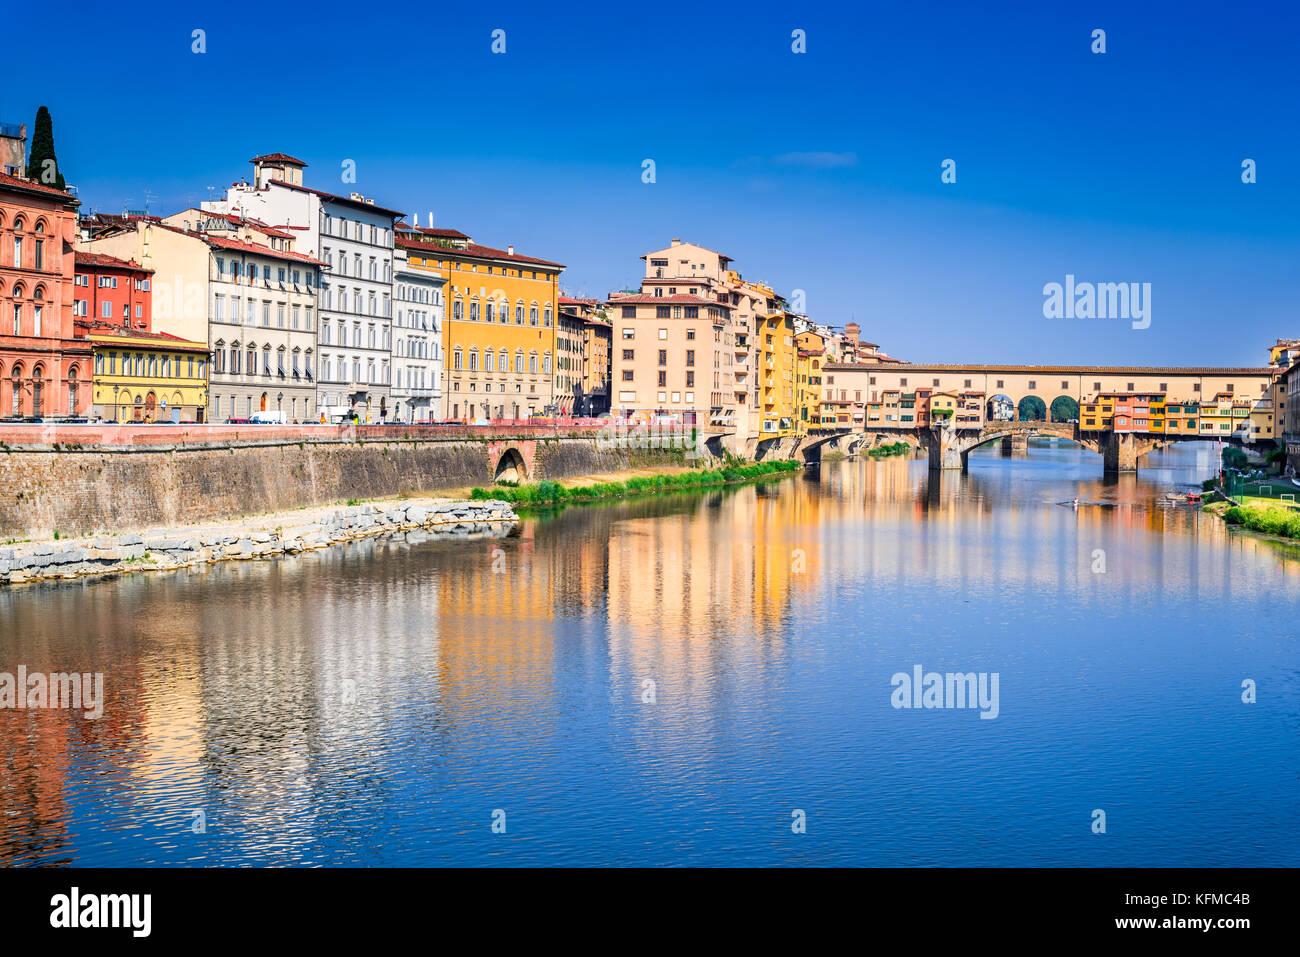 Firenze, Toscana - Ponte Vecchio, il ponte medievale sunlighted oltre il Fiume Arno, Italia. Immagini Stock